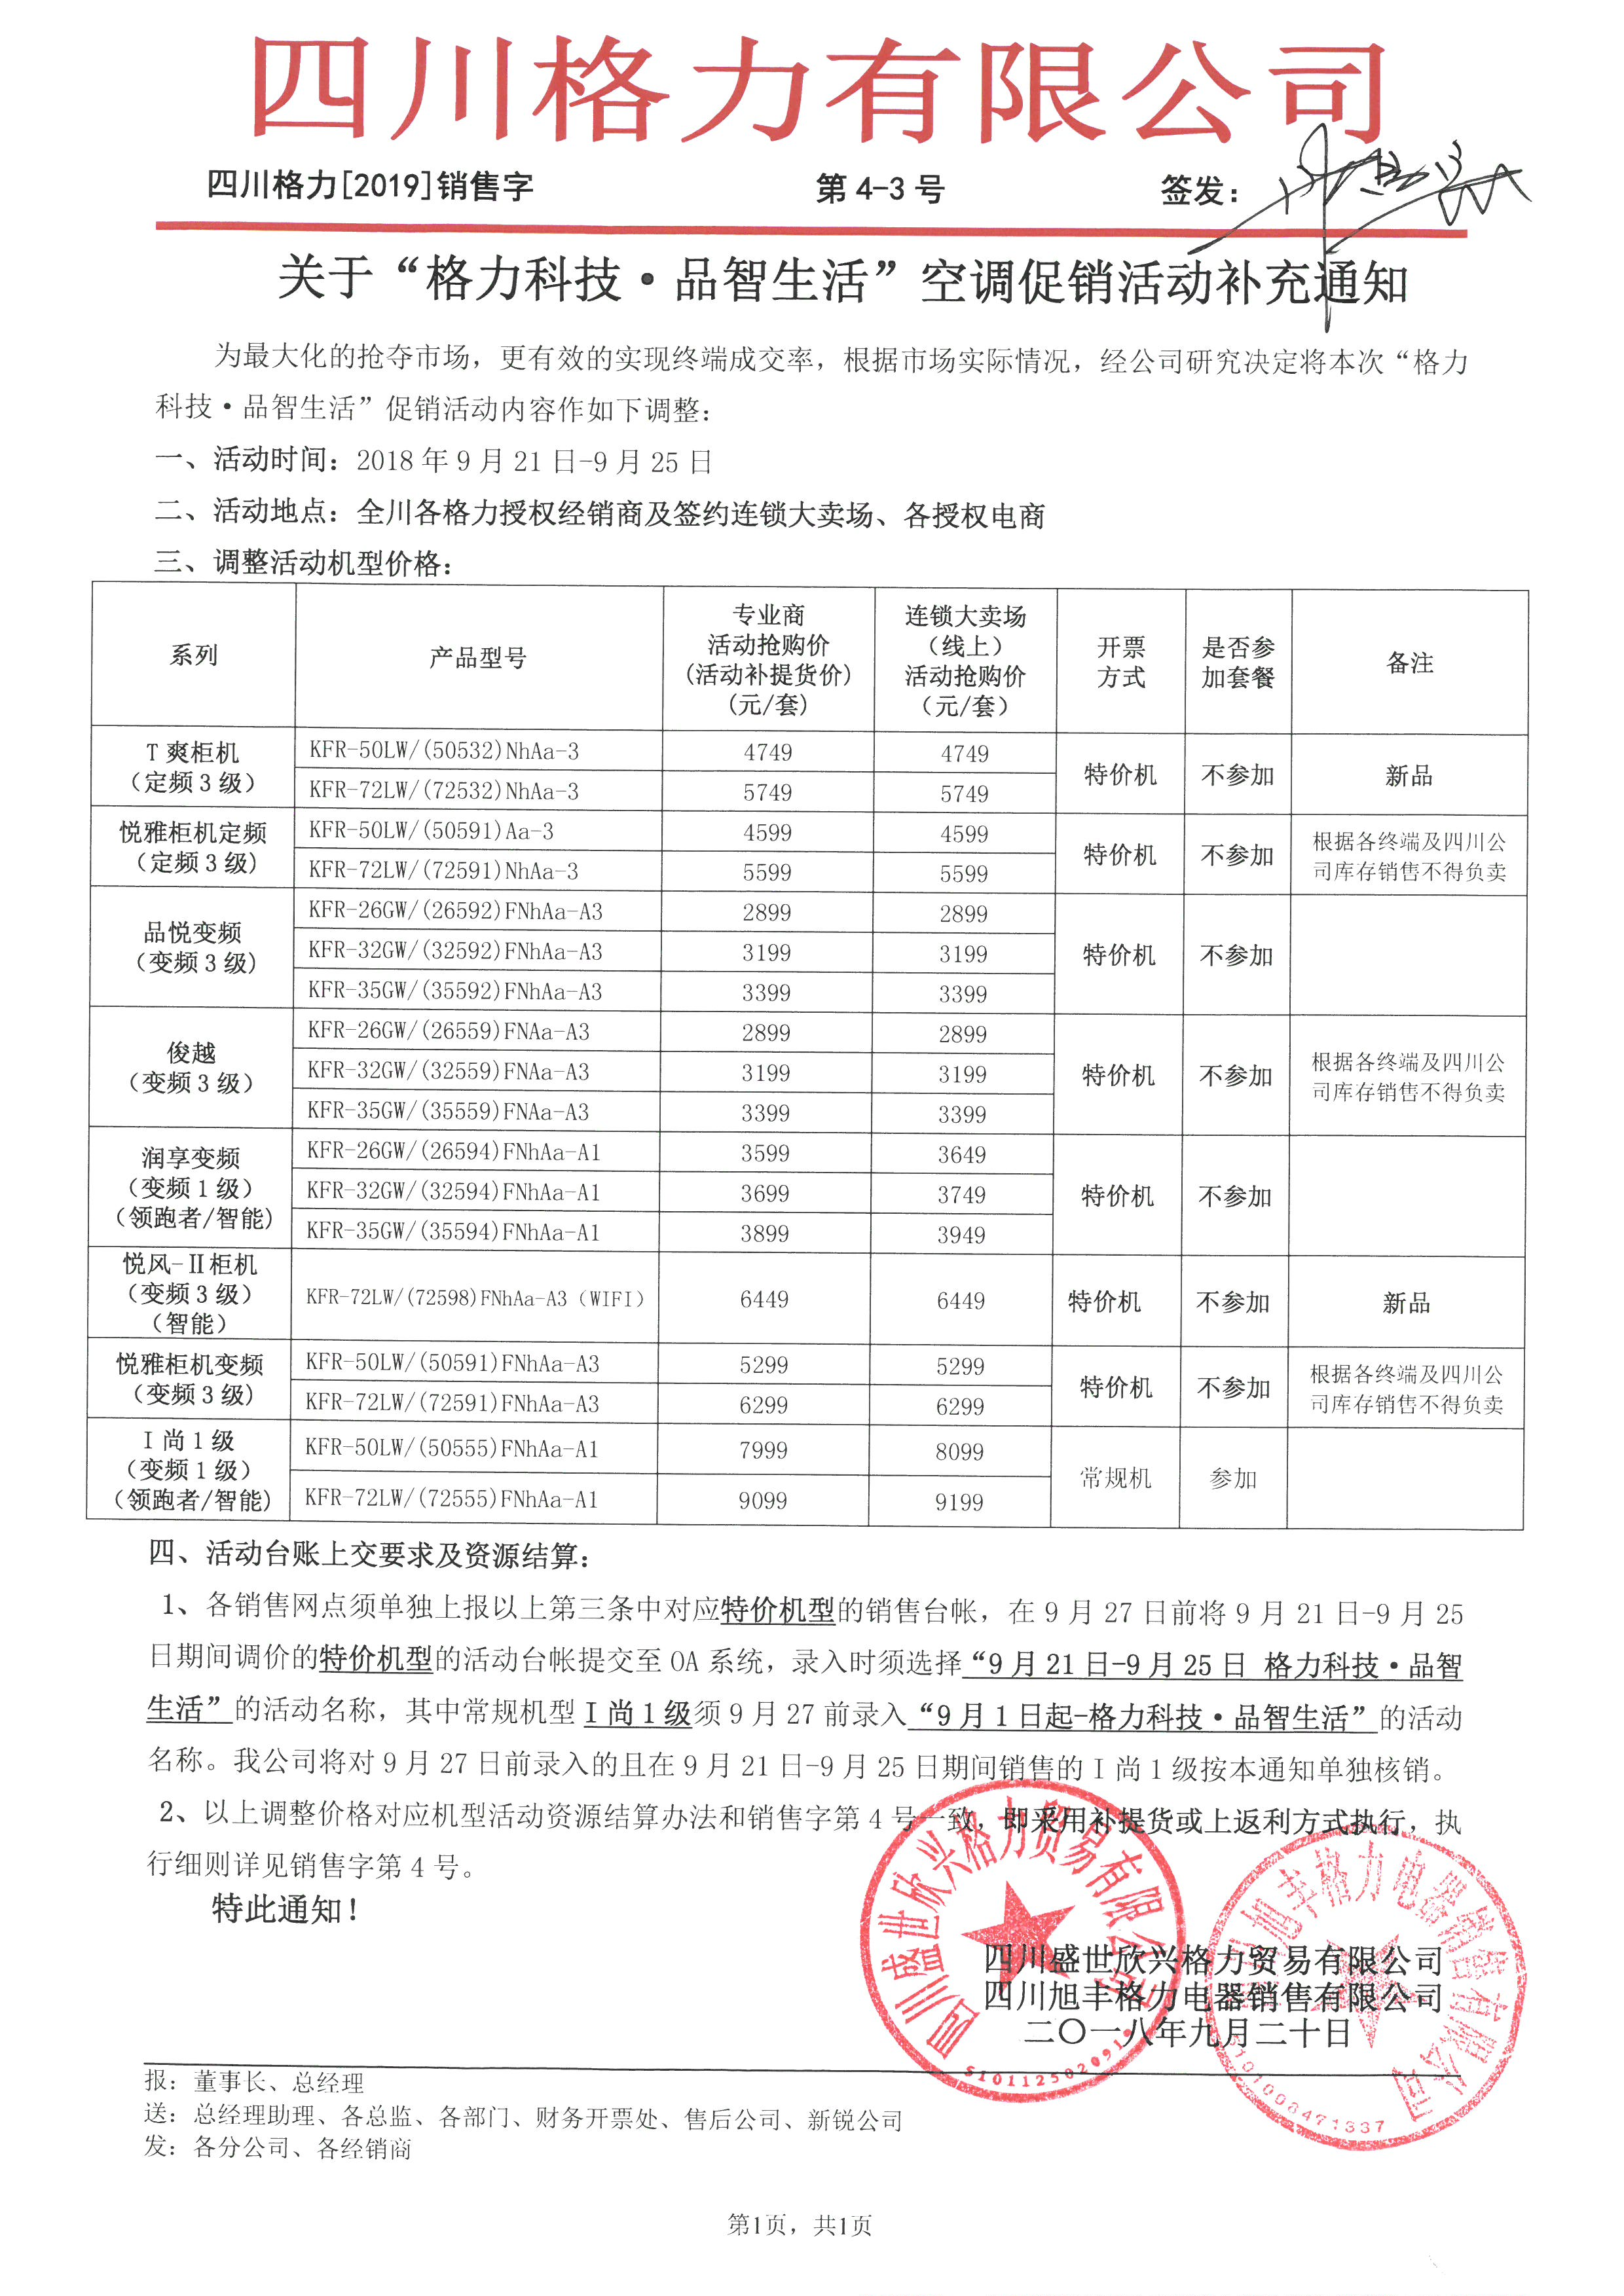 四川格力空调2018年9.21-9.25日活动价格,只限中秋活动